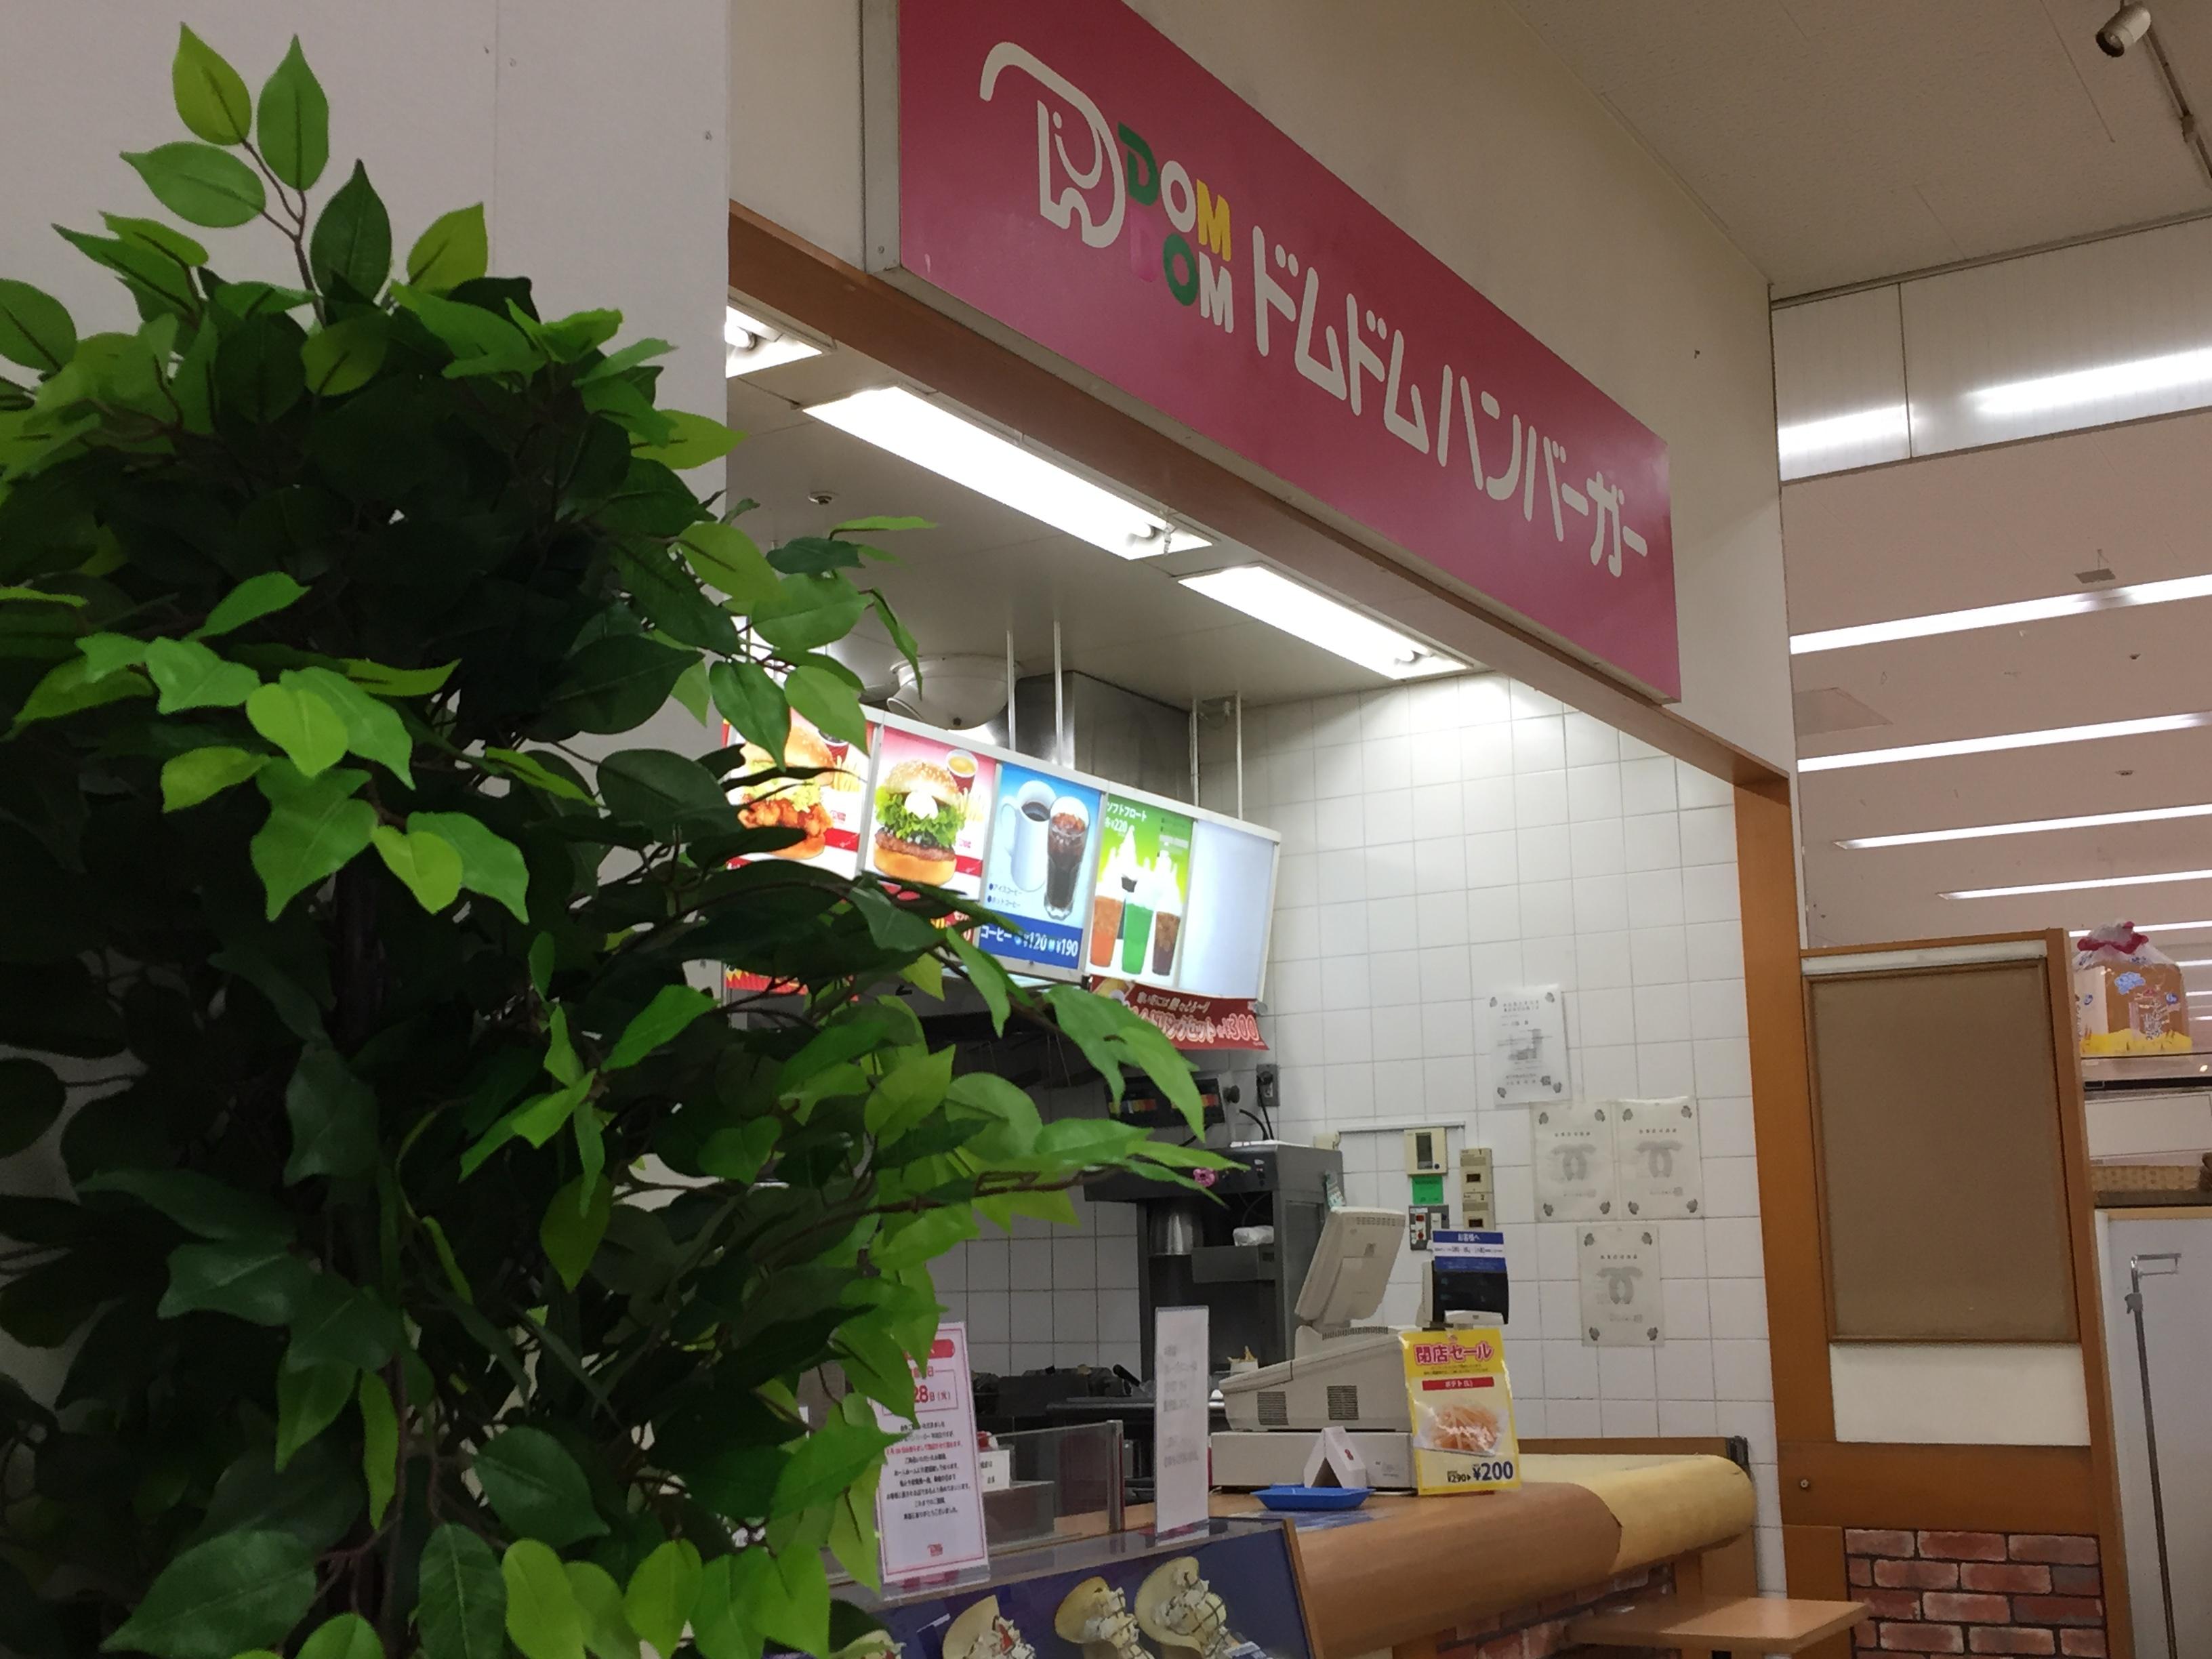 ダイエー甲南店のドムドムハンバーガーが2/28(火)で閉店だよ【※閉店のお知らせ】